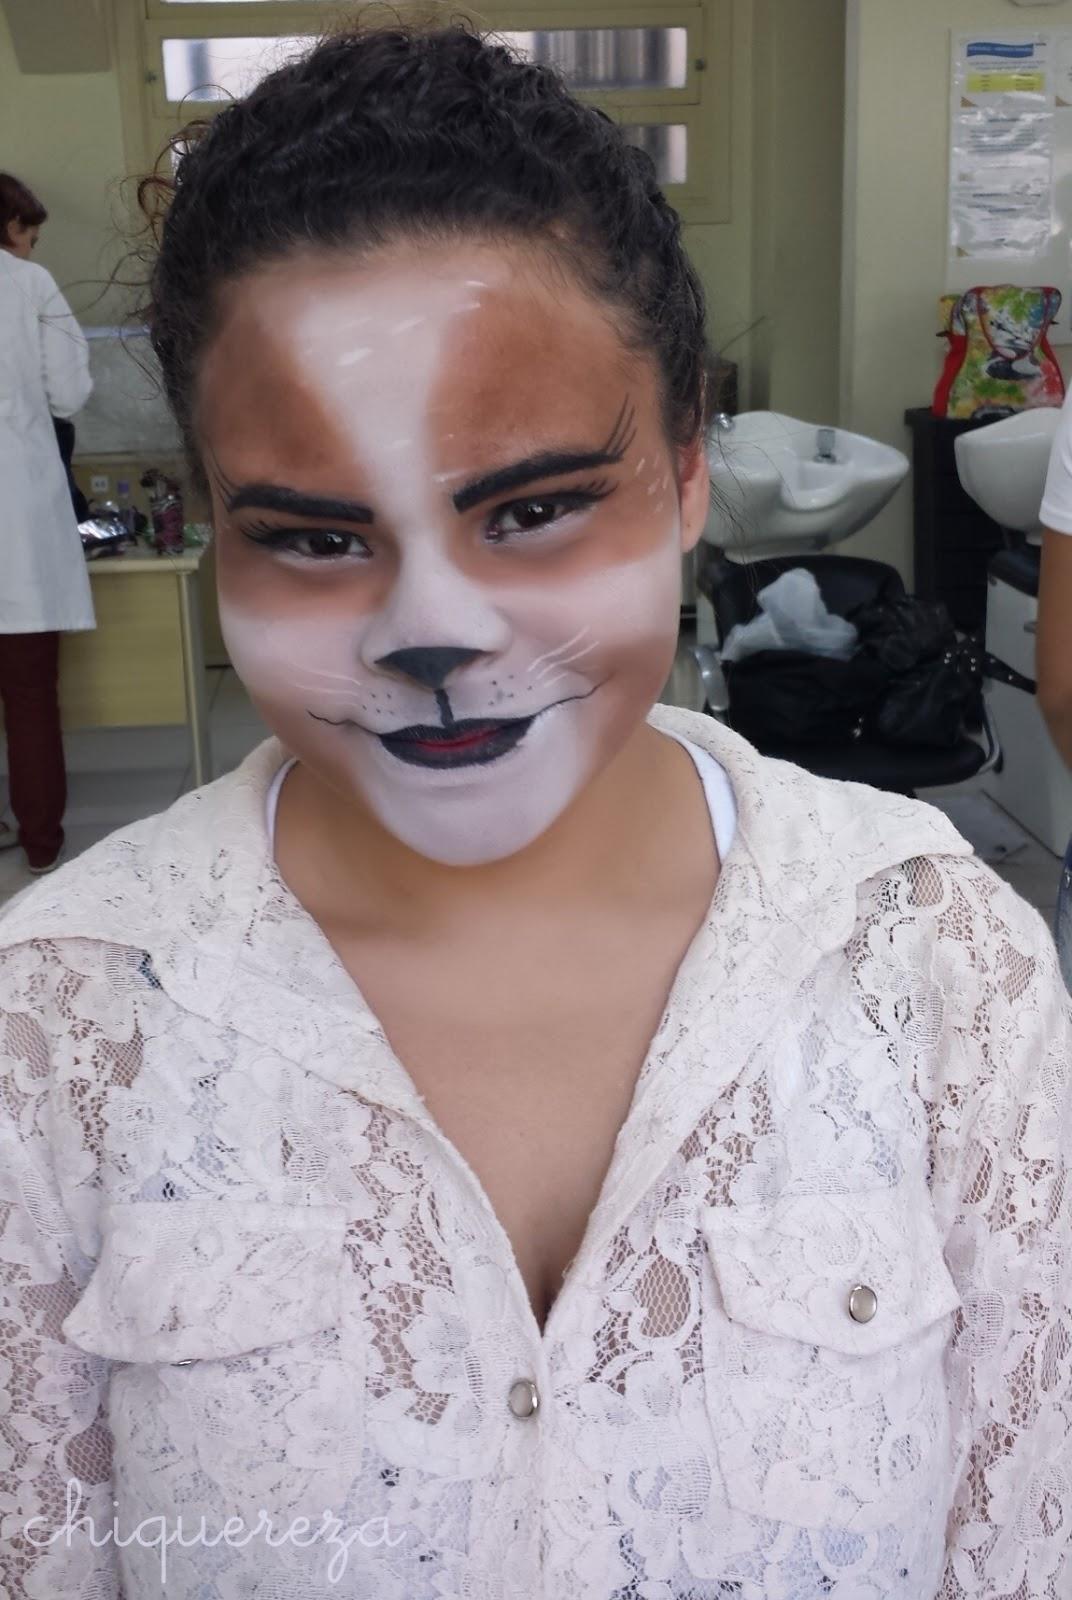 curso senac maquiador profissional, maquiagem gato